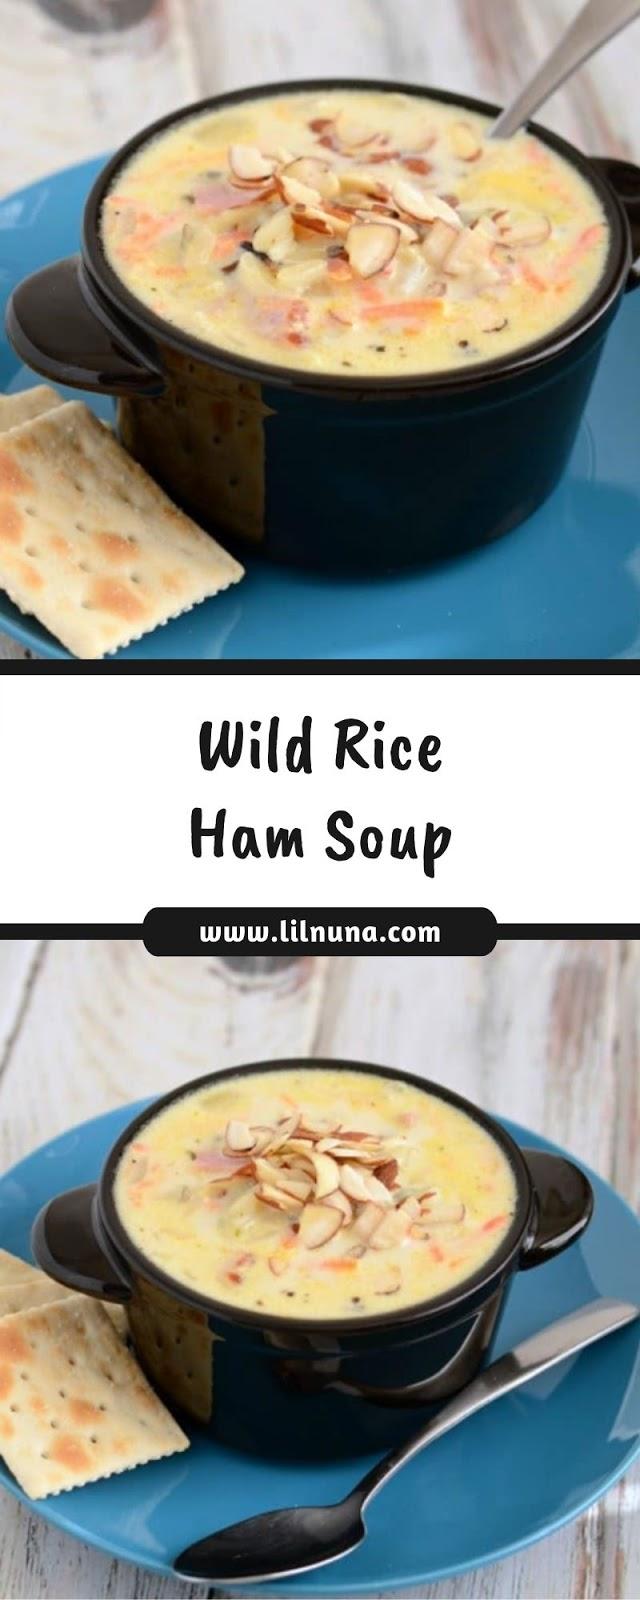 Wild Rice Ham Soup